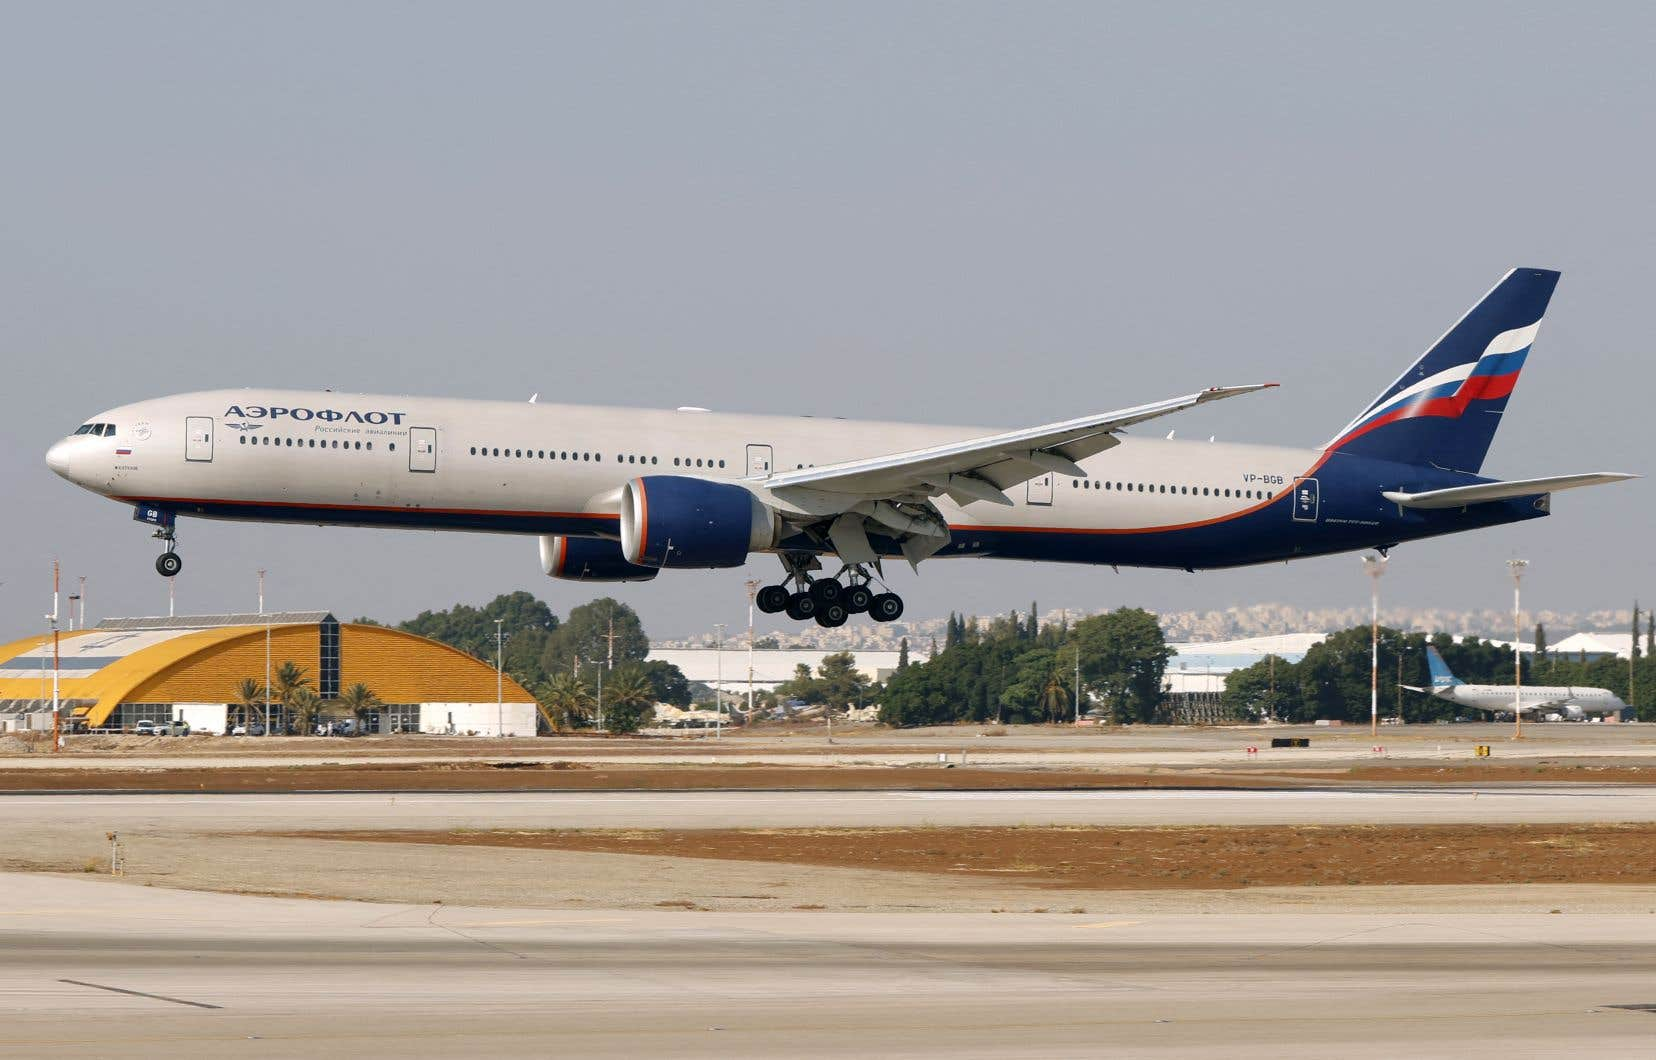 L'appareil a pu se poser sans encombre sur l'aéroport de Denver et aucun de ses occupants n'a été blessé.